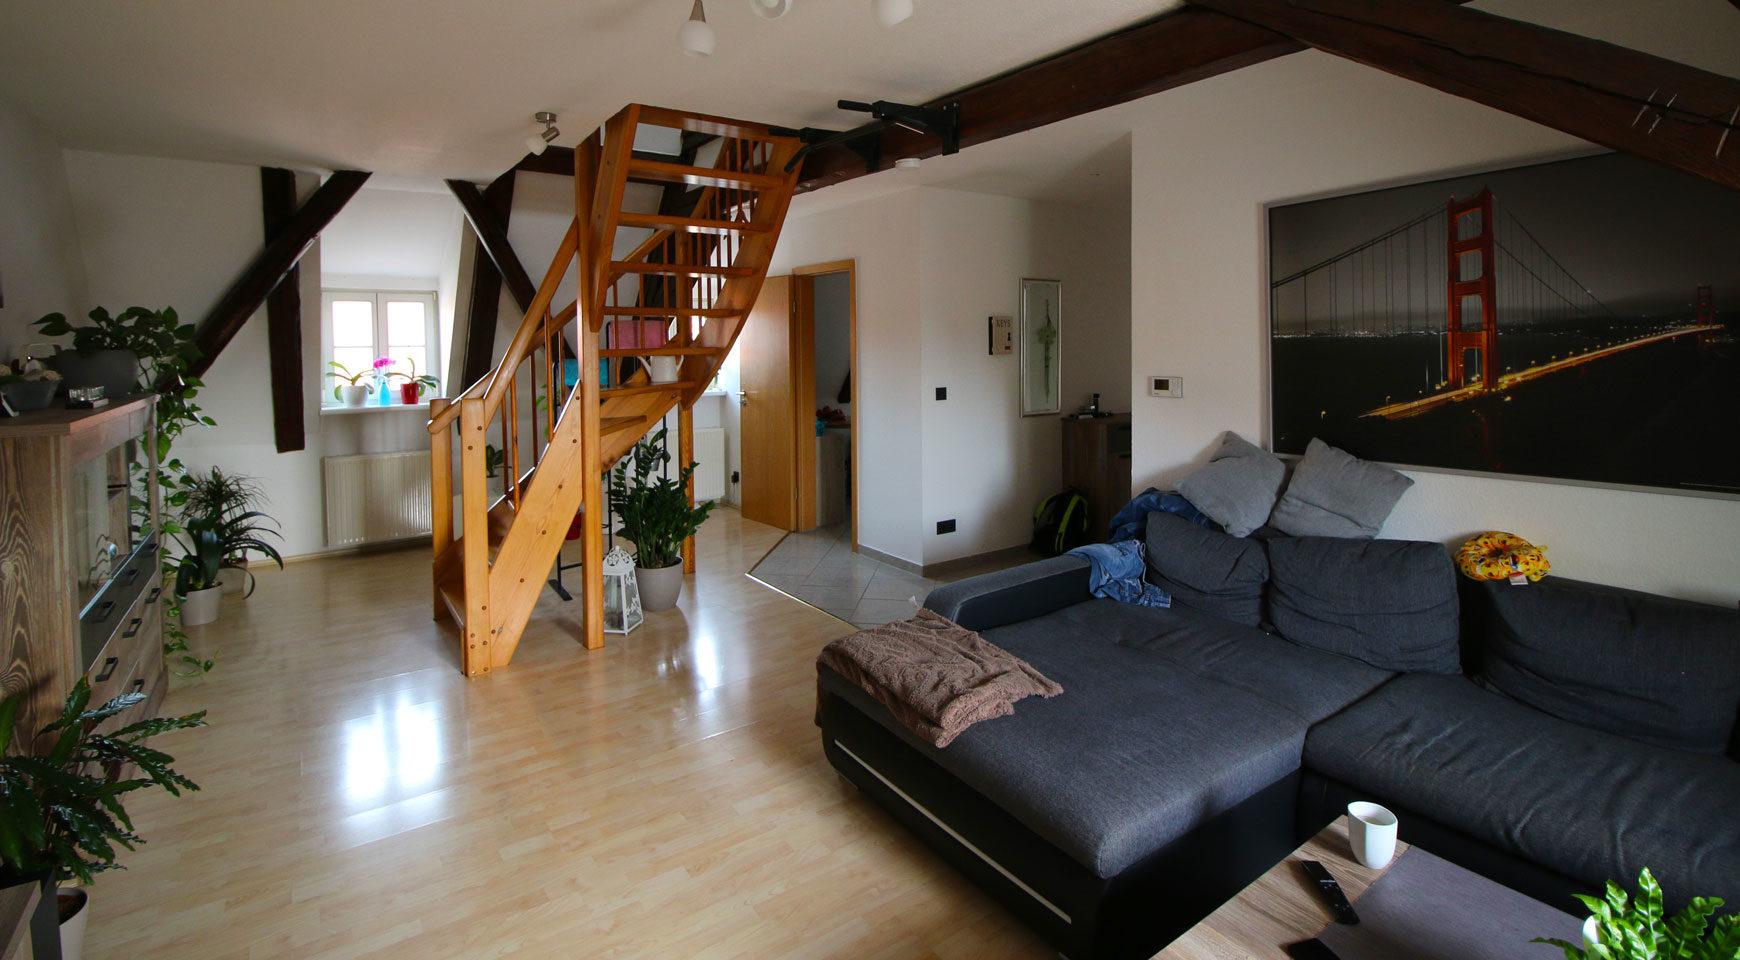 immodress qlb steinweg56 wohnzimmer 1740x960 c center